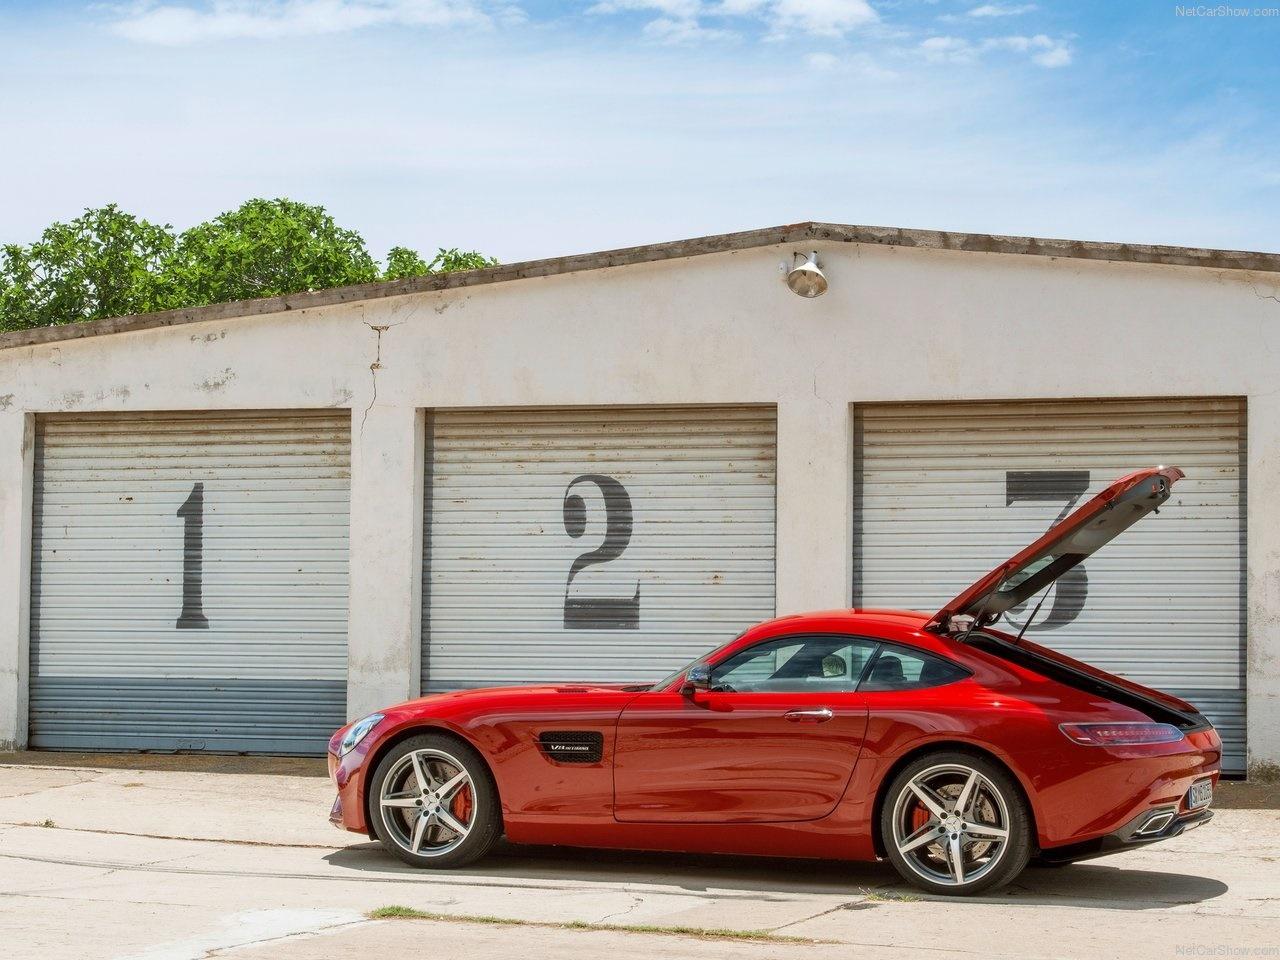 مرسدس بنز جیتی AMG، تماشاییترین خودروی موتورشوی پاریس